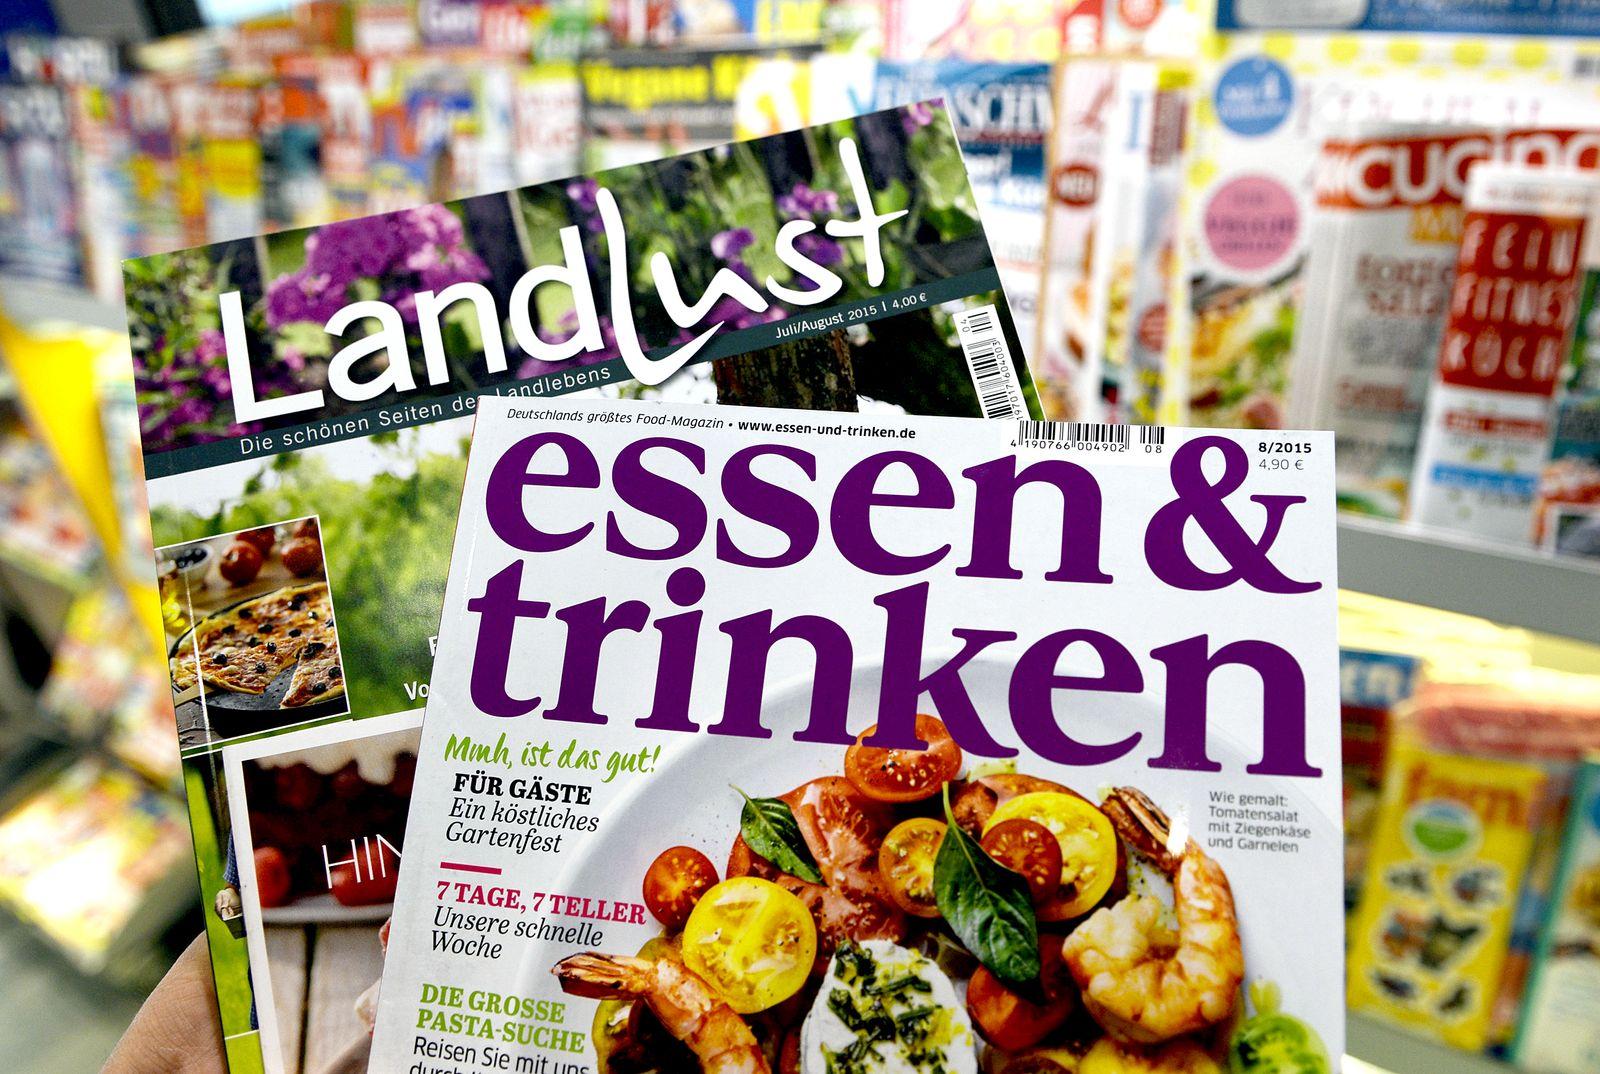 Landlust/ Essen & Trinken